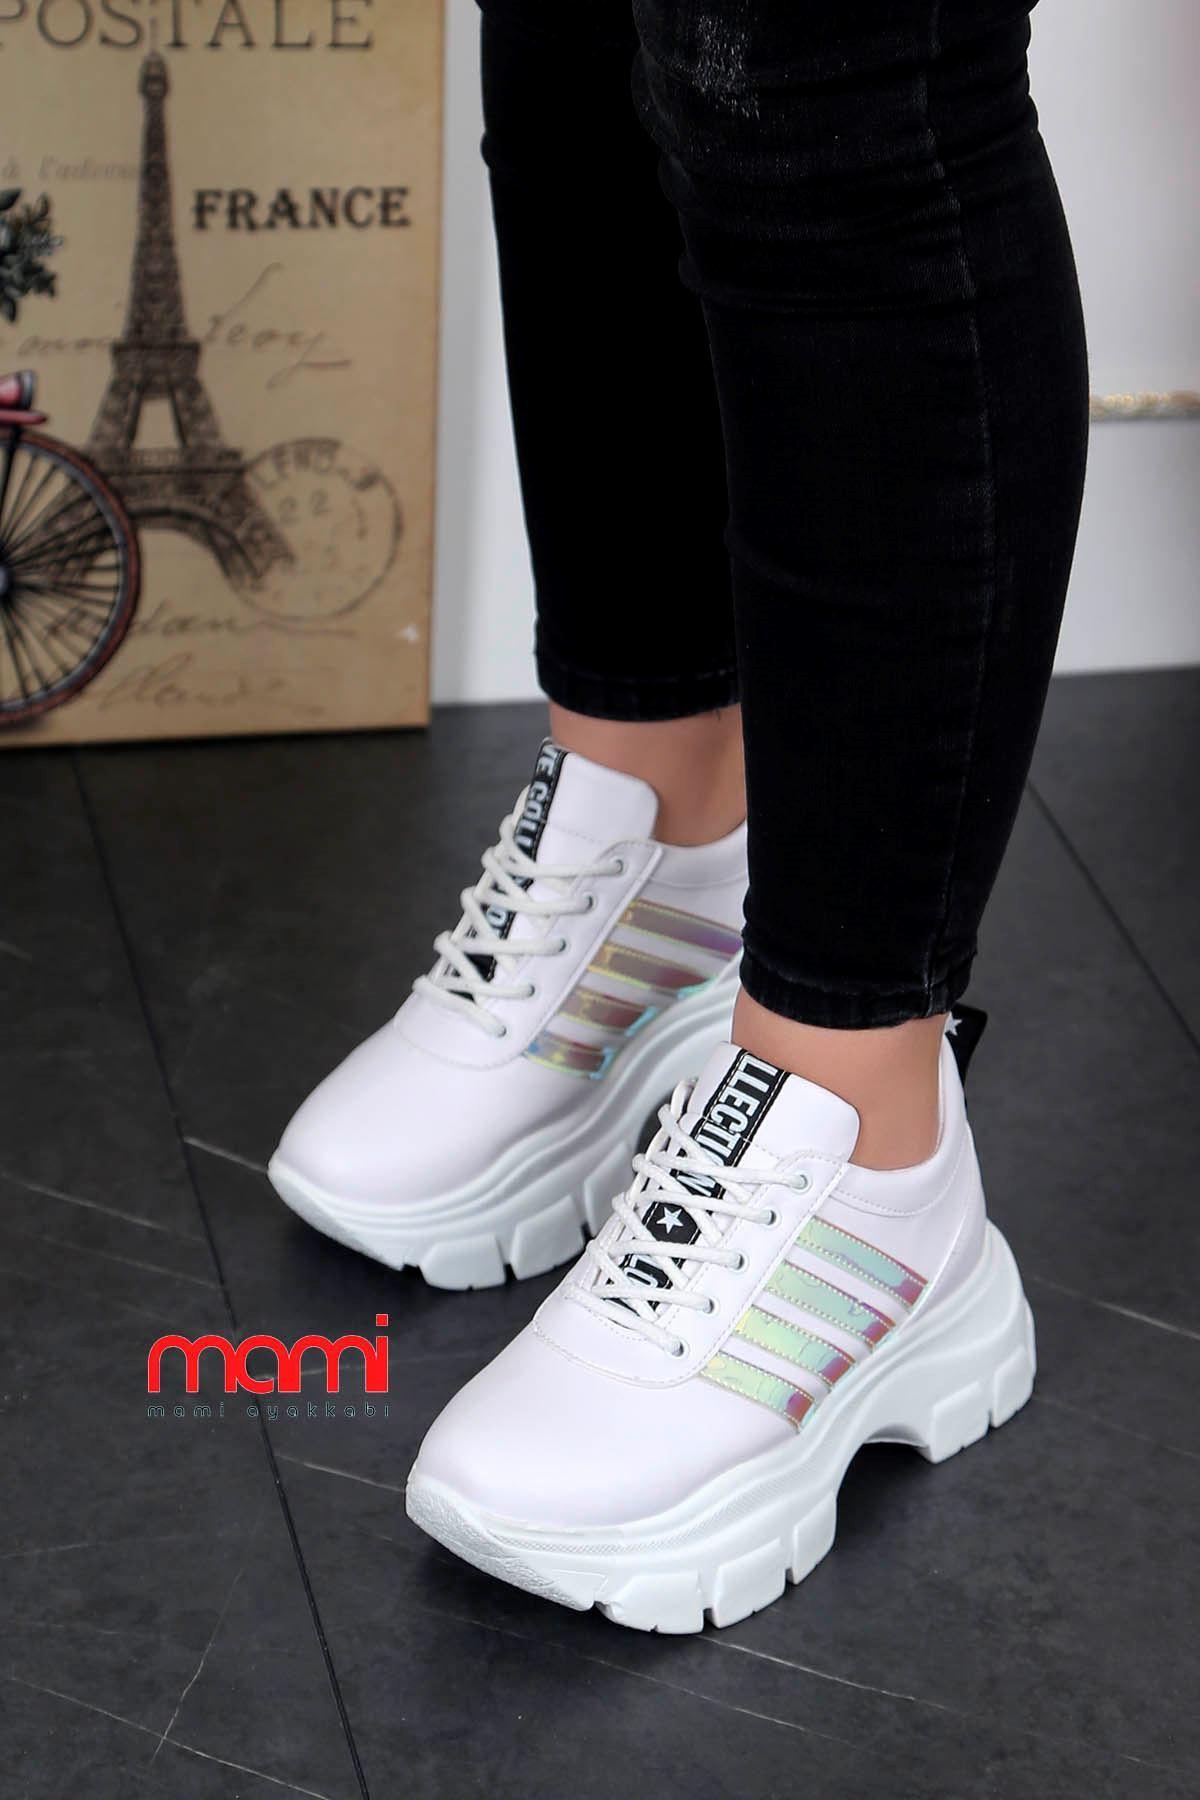 Frm-400 Tabanlı Spor Ayakkabı Beyaz Deri Hologram Şerit